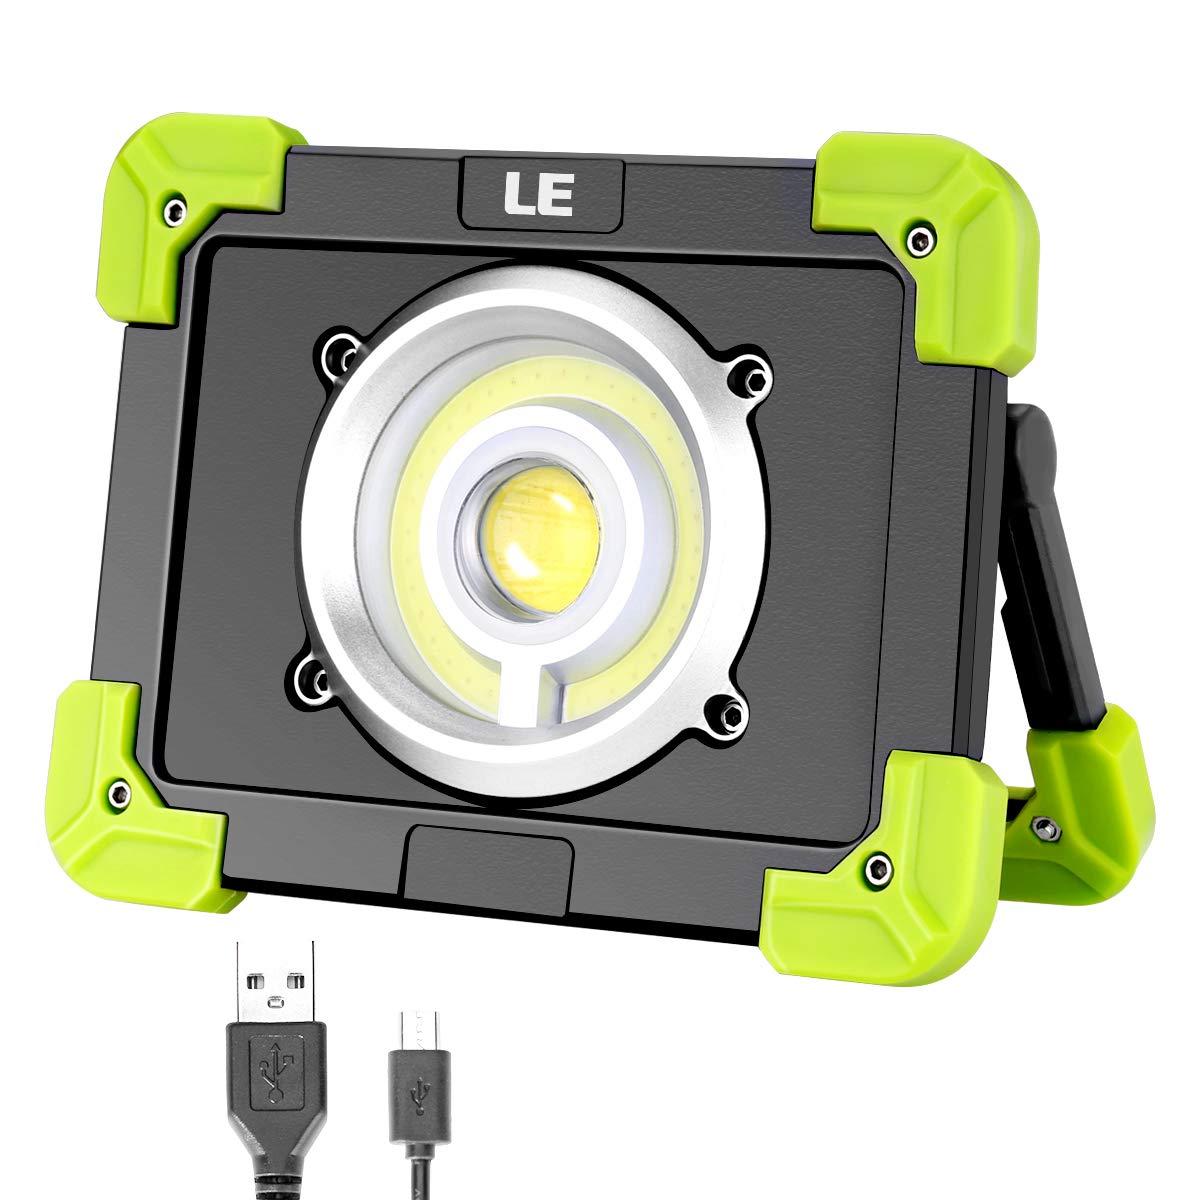 LE Foco LED 20W 1700lm Recargable, 3 Modos, con Luz Roja, Batería 6000mAh, Resistente al agua, Luz de Trabajo [Clase de eficiencia energética A+]